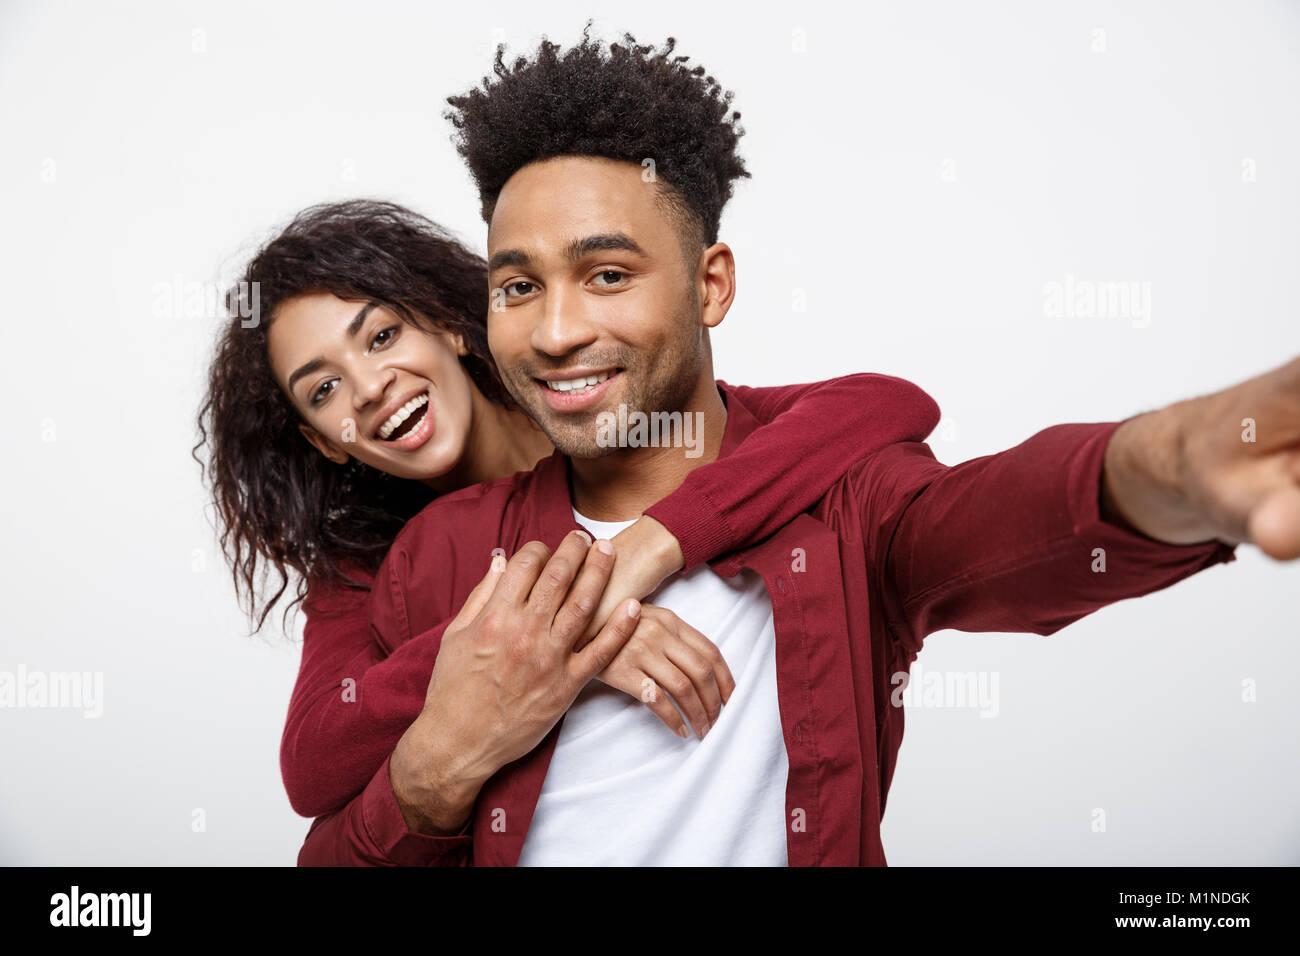 In der Nähe von attraktiven Afrikanische amerikanische Paar einen selfie mit niedlichen Geste. Stockbild